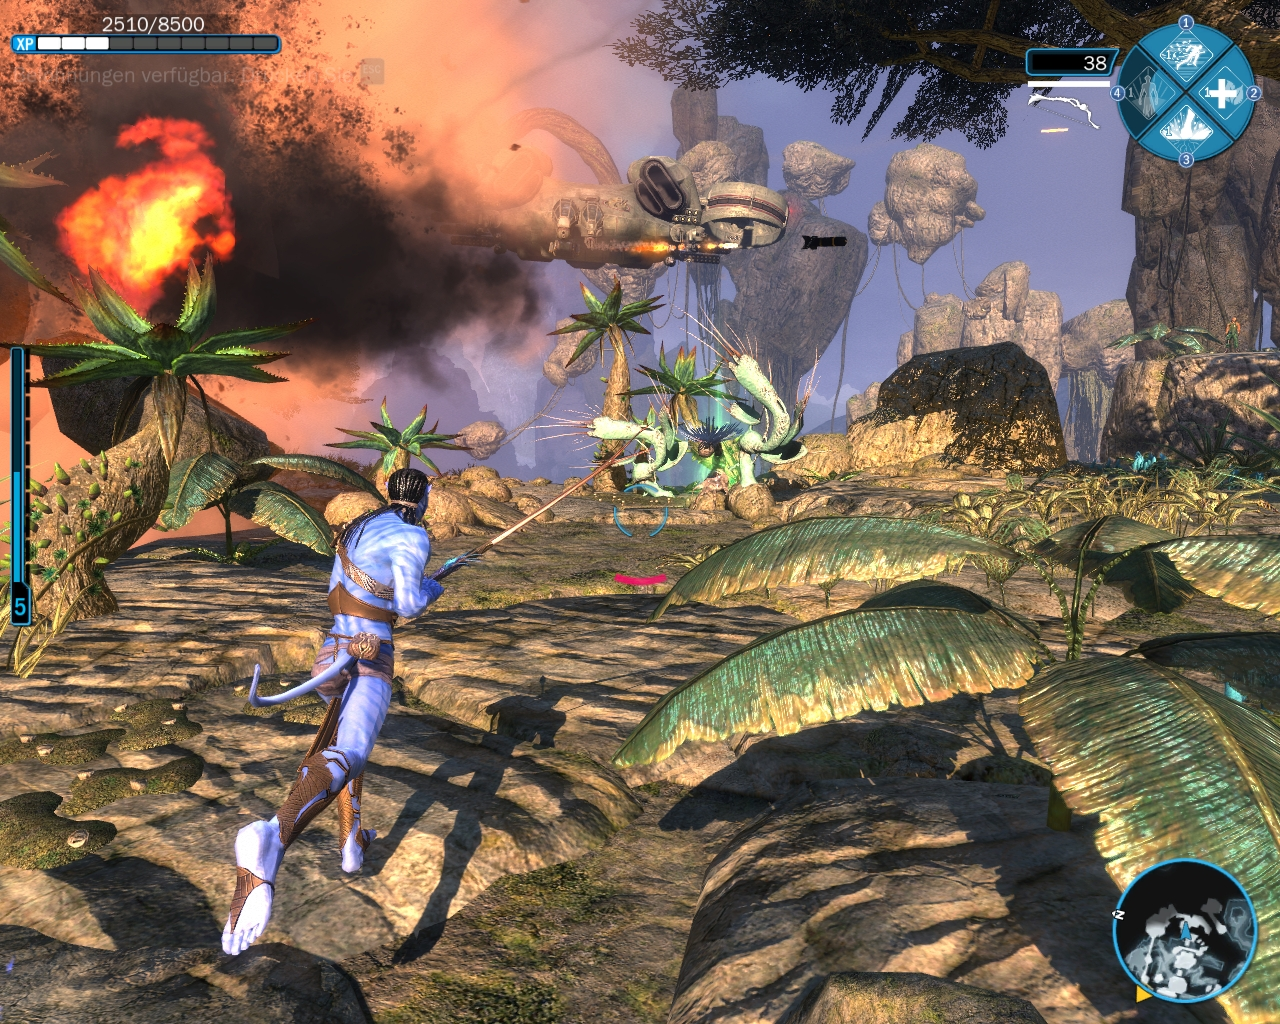 Avatar Spiele Kostenlos Spielen